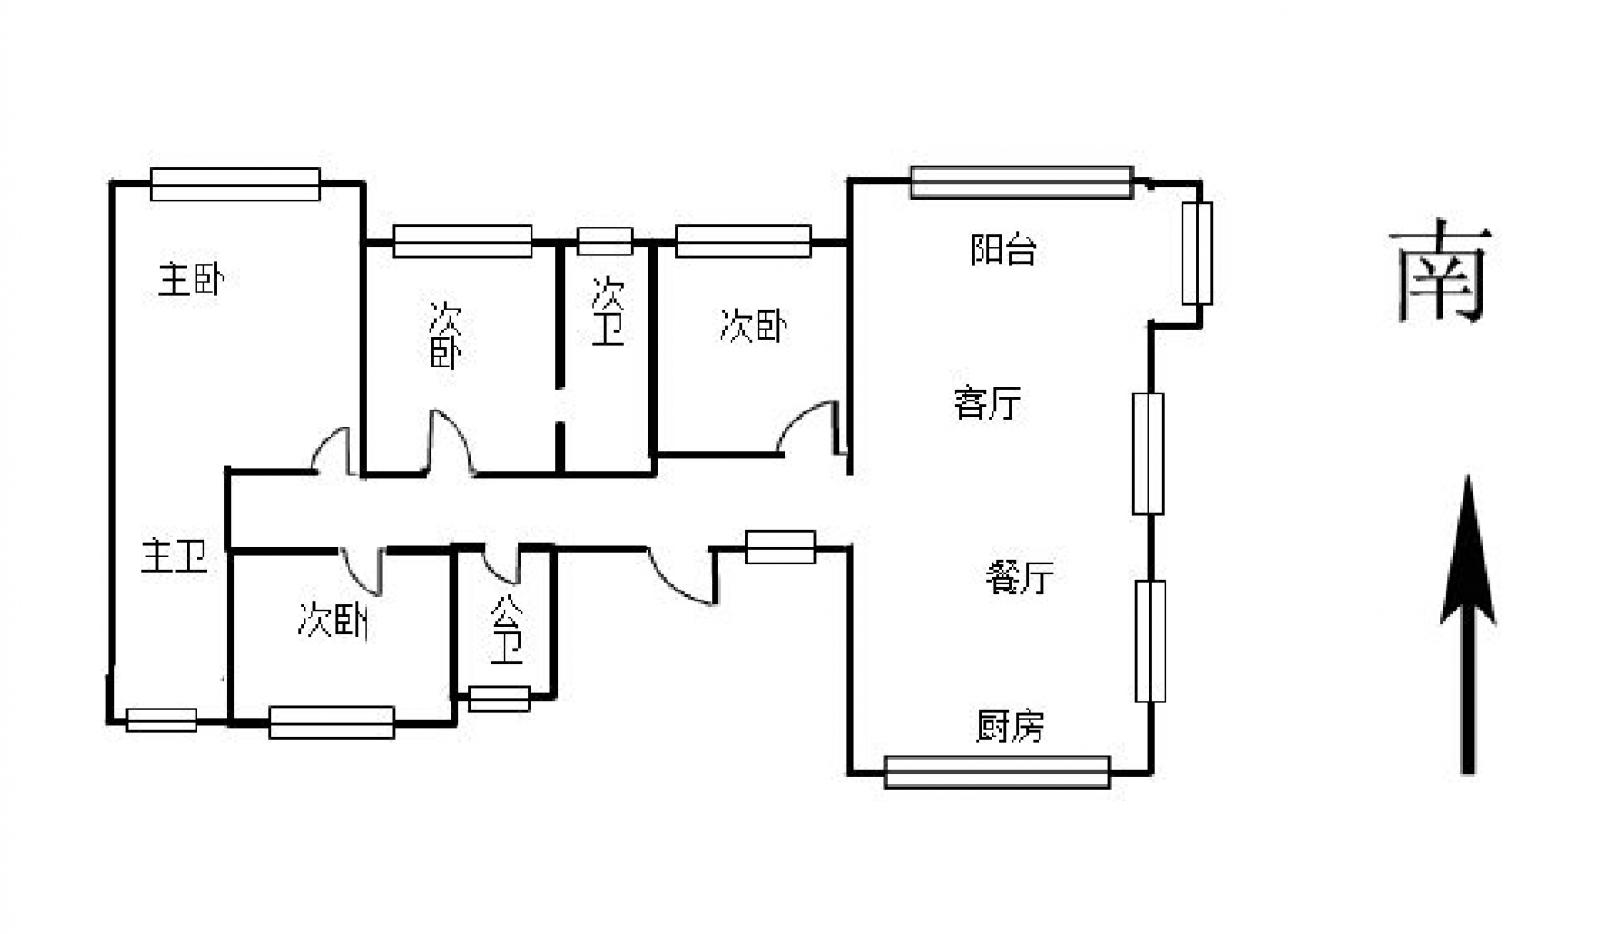 中奥广场 5室2厅210㎡